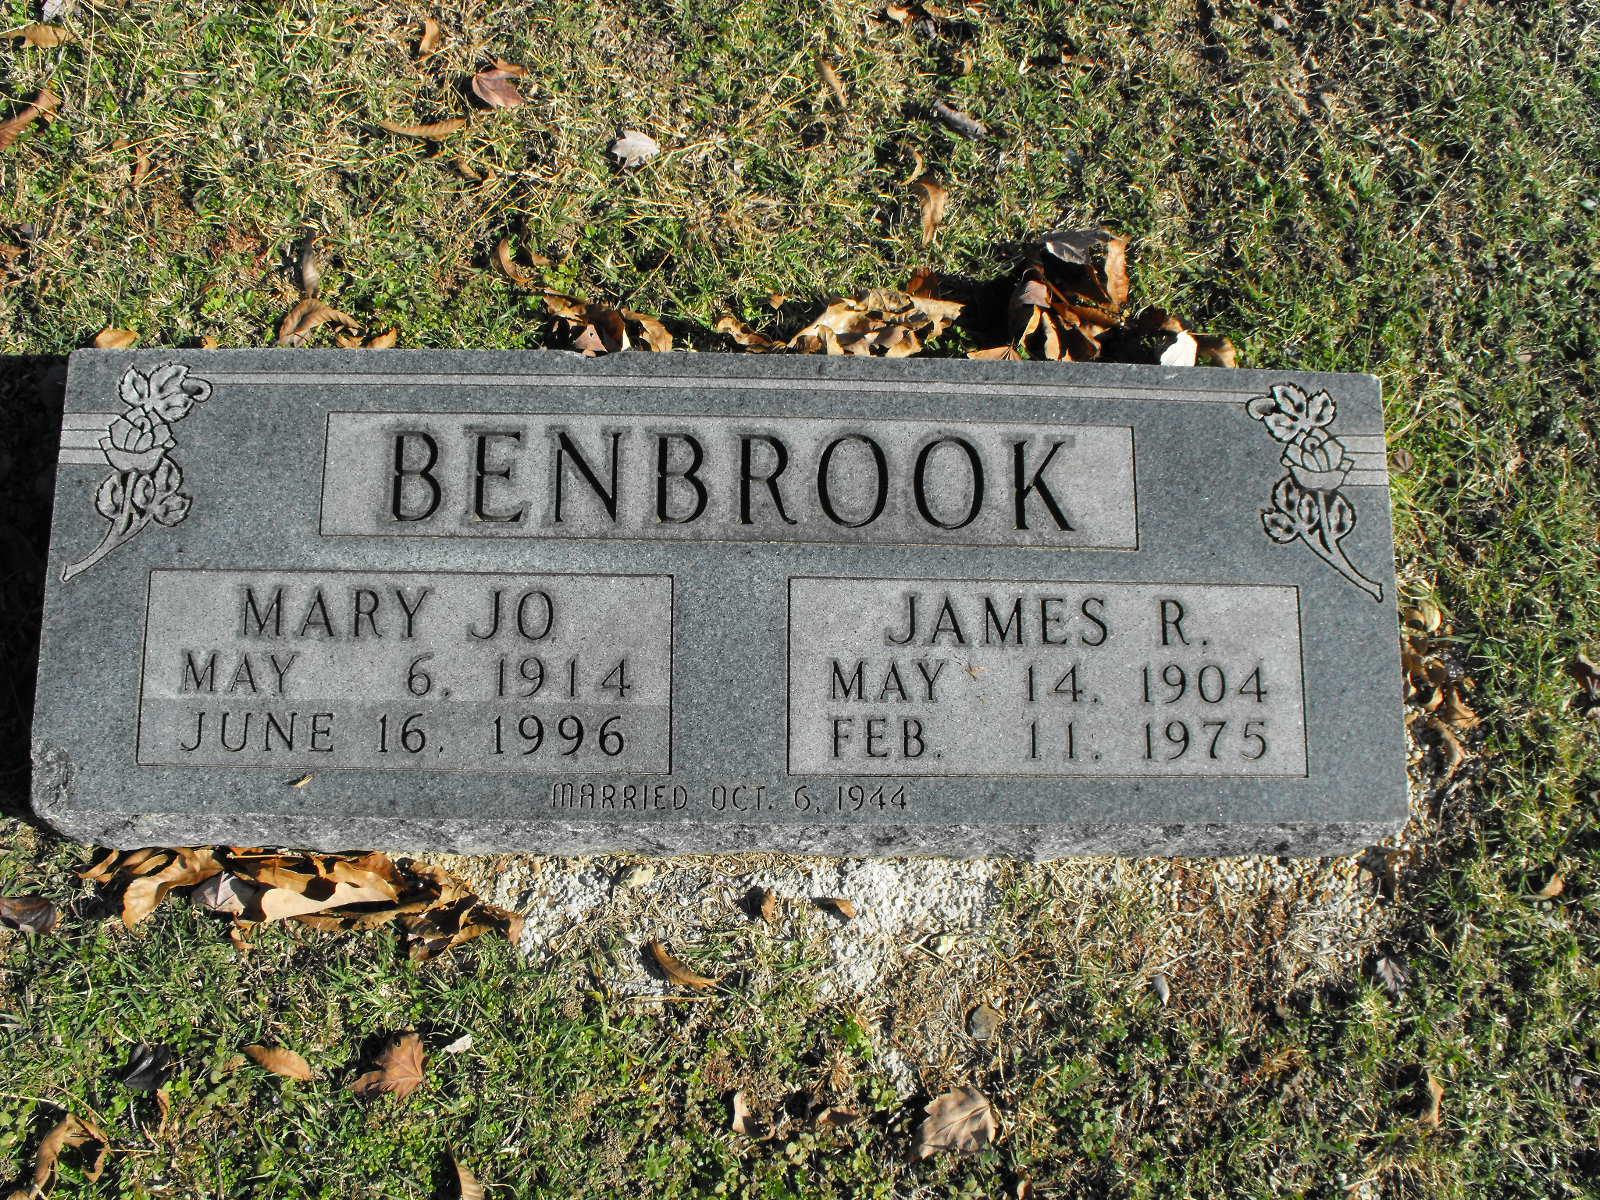 James R Benbrook